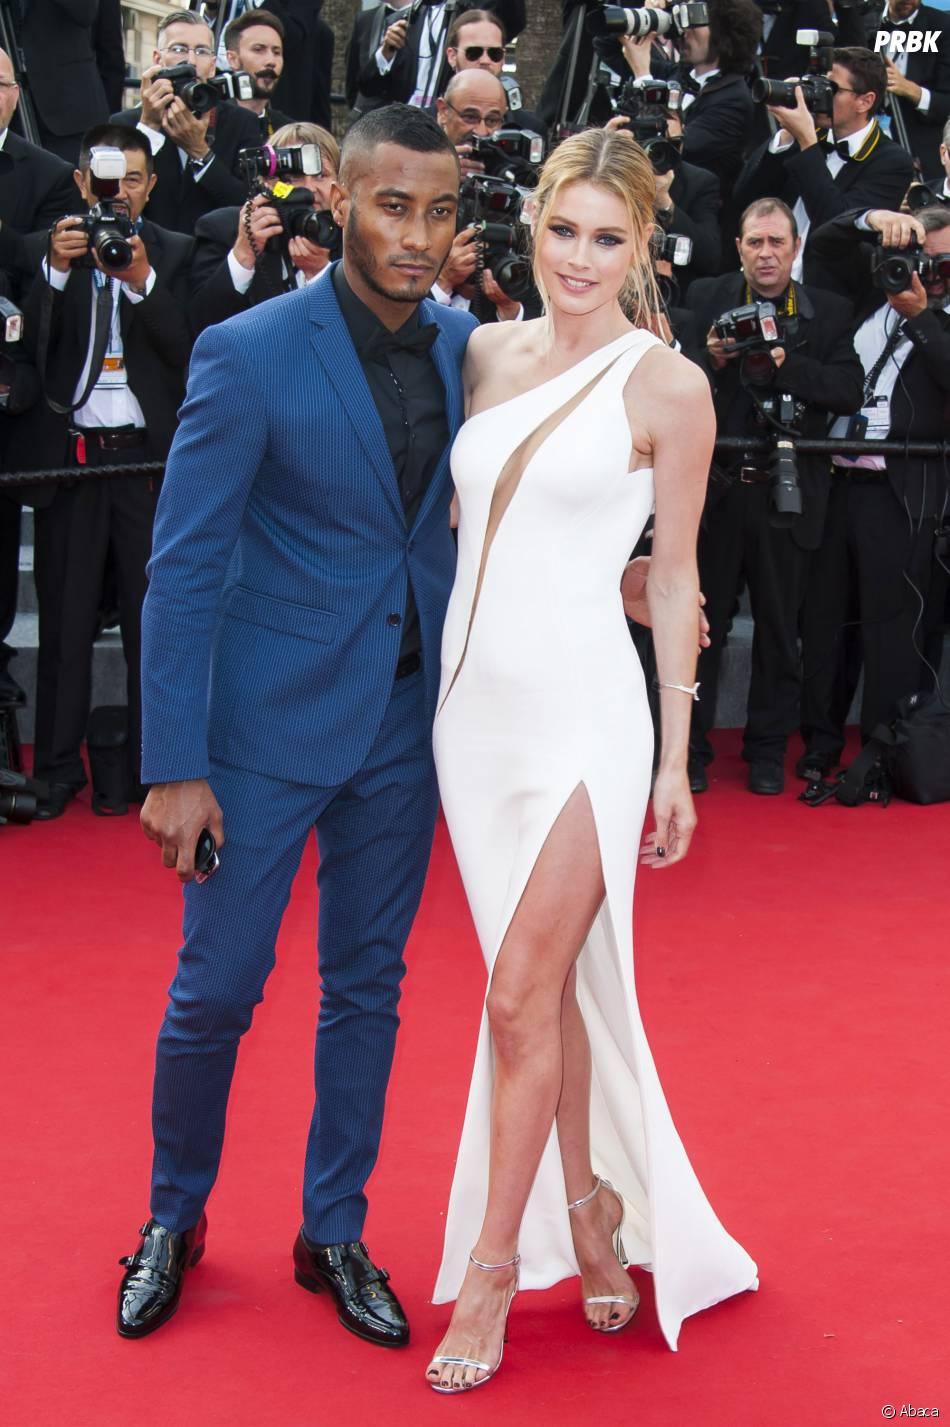 Doutzen Kroes et son mari sur le tapis rouge, le 13 mai 2015 au Festival de Cannes